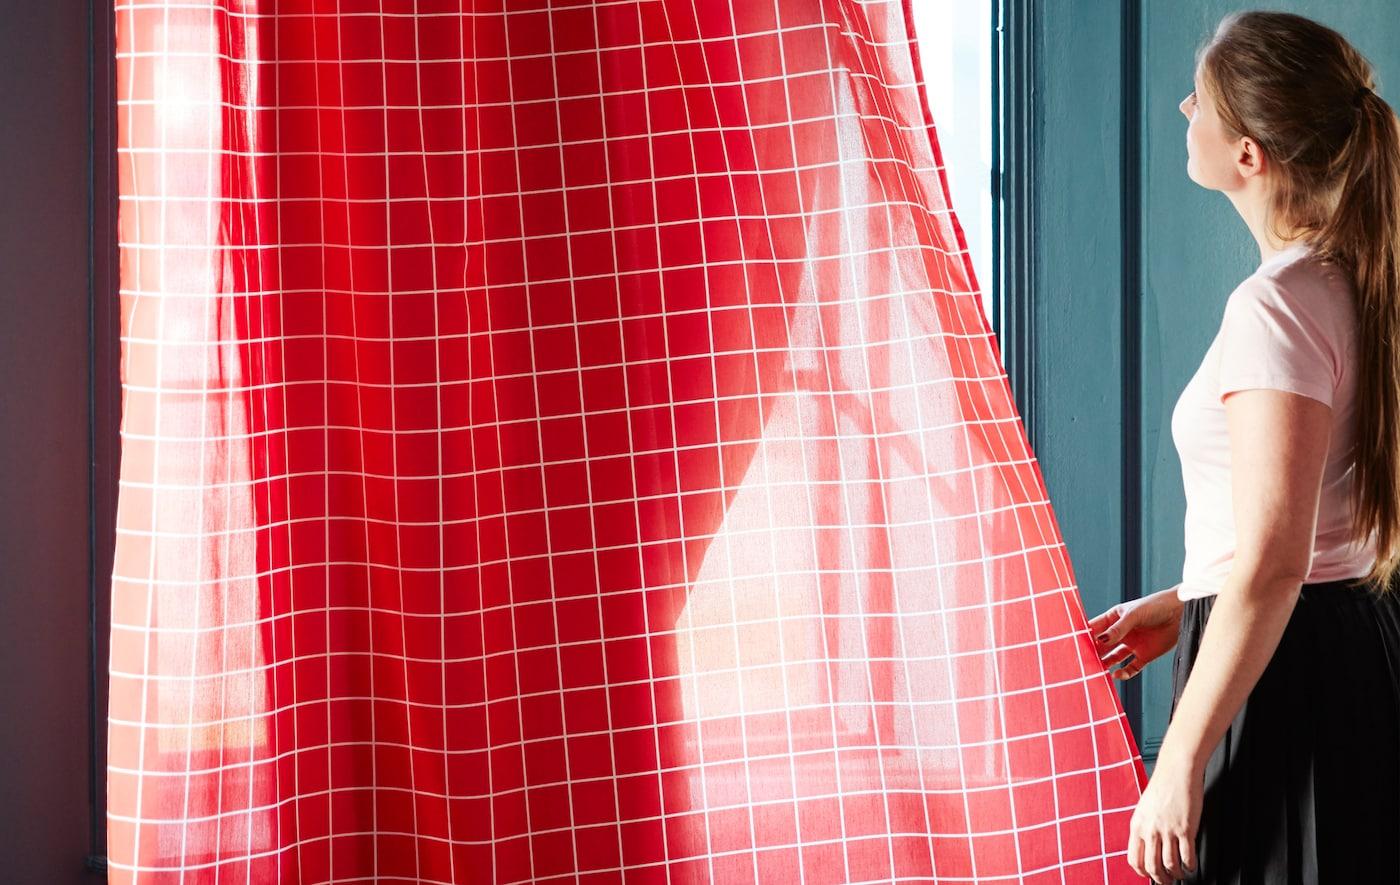 زوج من ستائر ROSALILL من ايكيا بخطوط بيضاء على خلفية حمراء تتيح دخول نور الشمس.